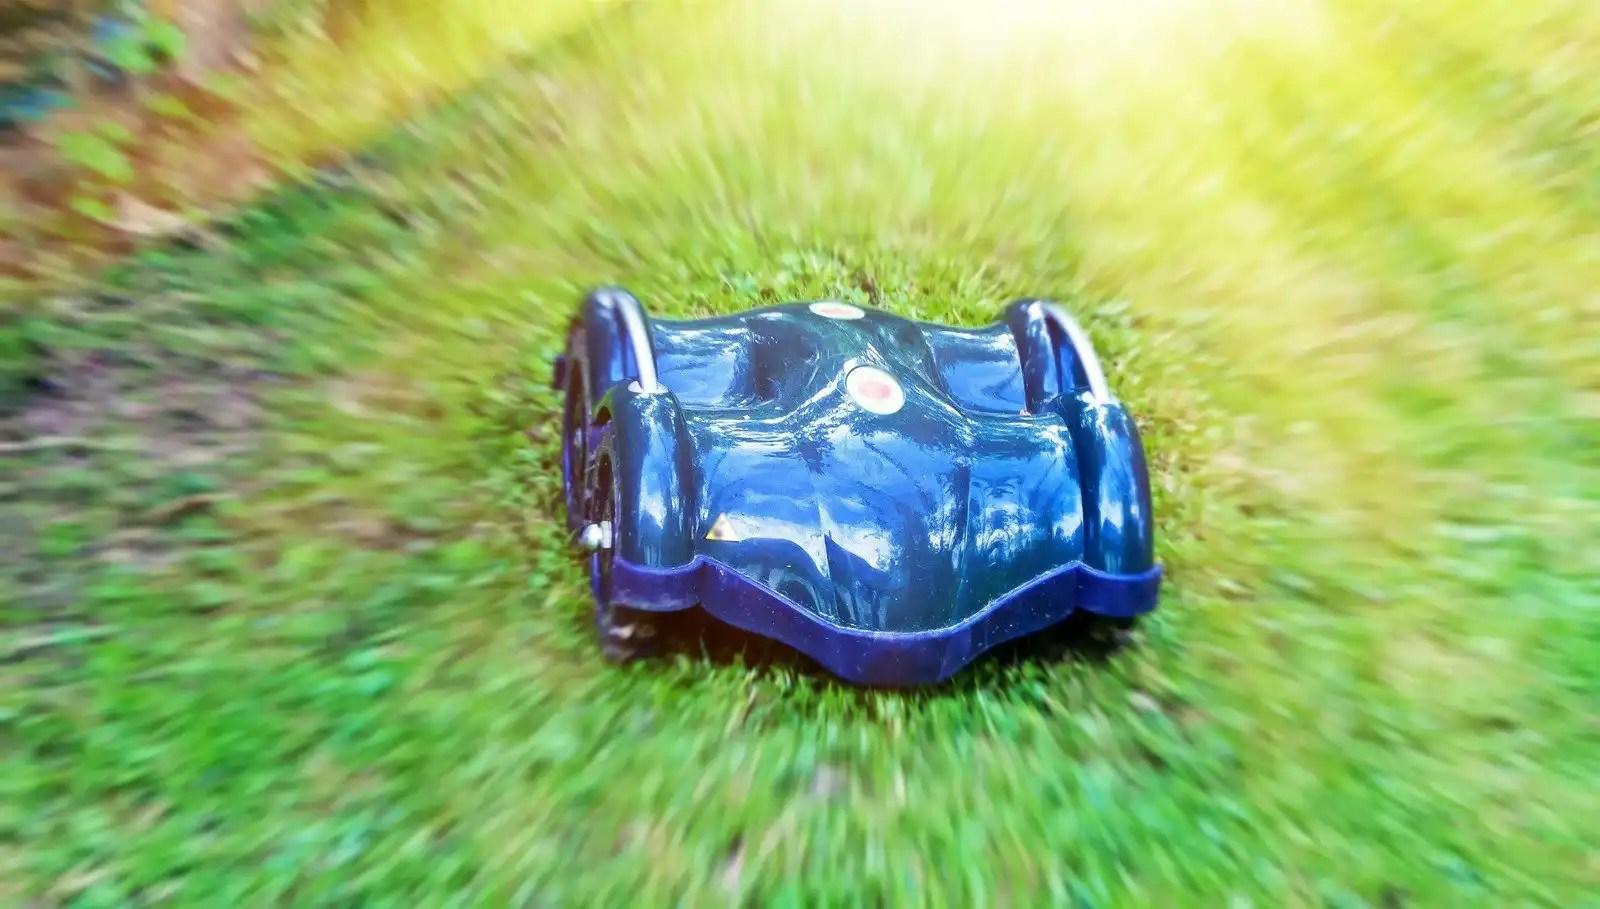 wheeled robot lawn mower cutting grass